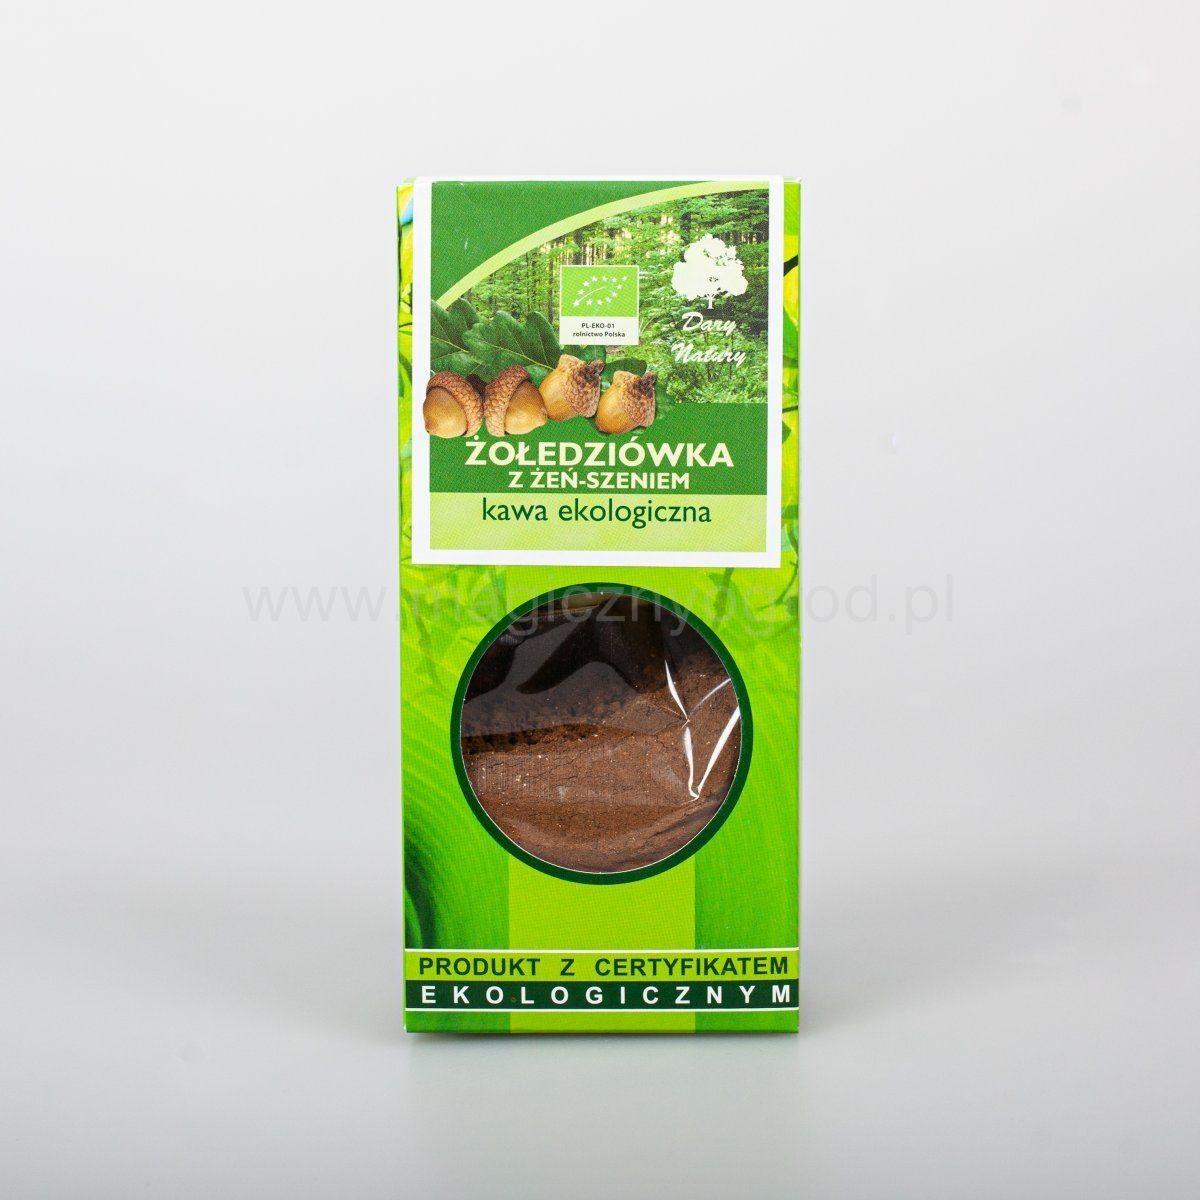 Kawa żołędziówka z żeń-szeniem 100g EKO